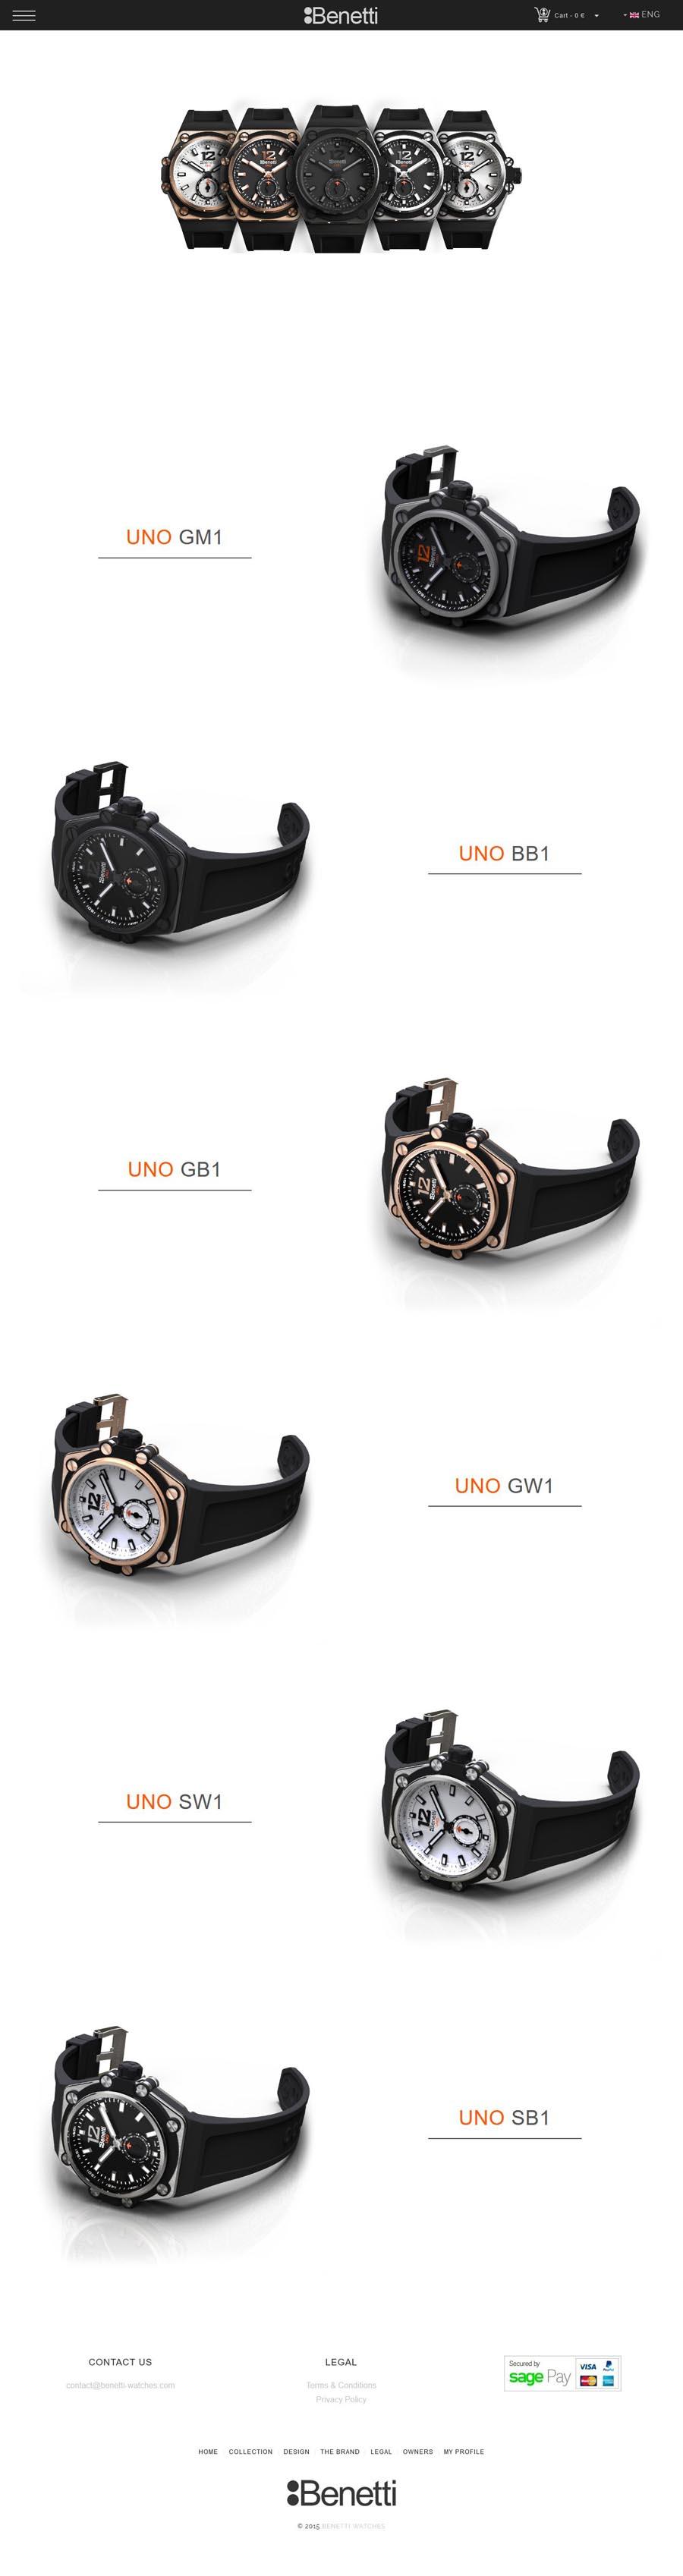 benetti-watches